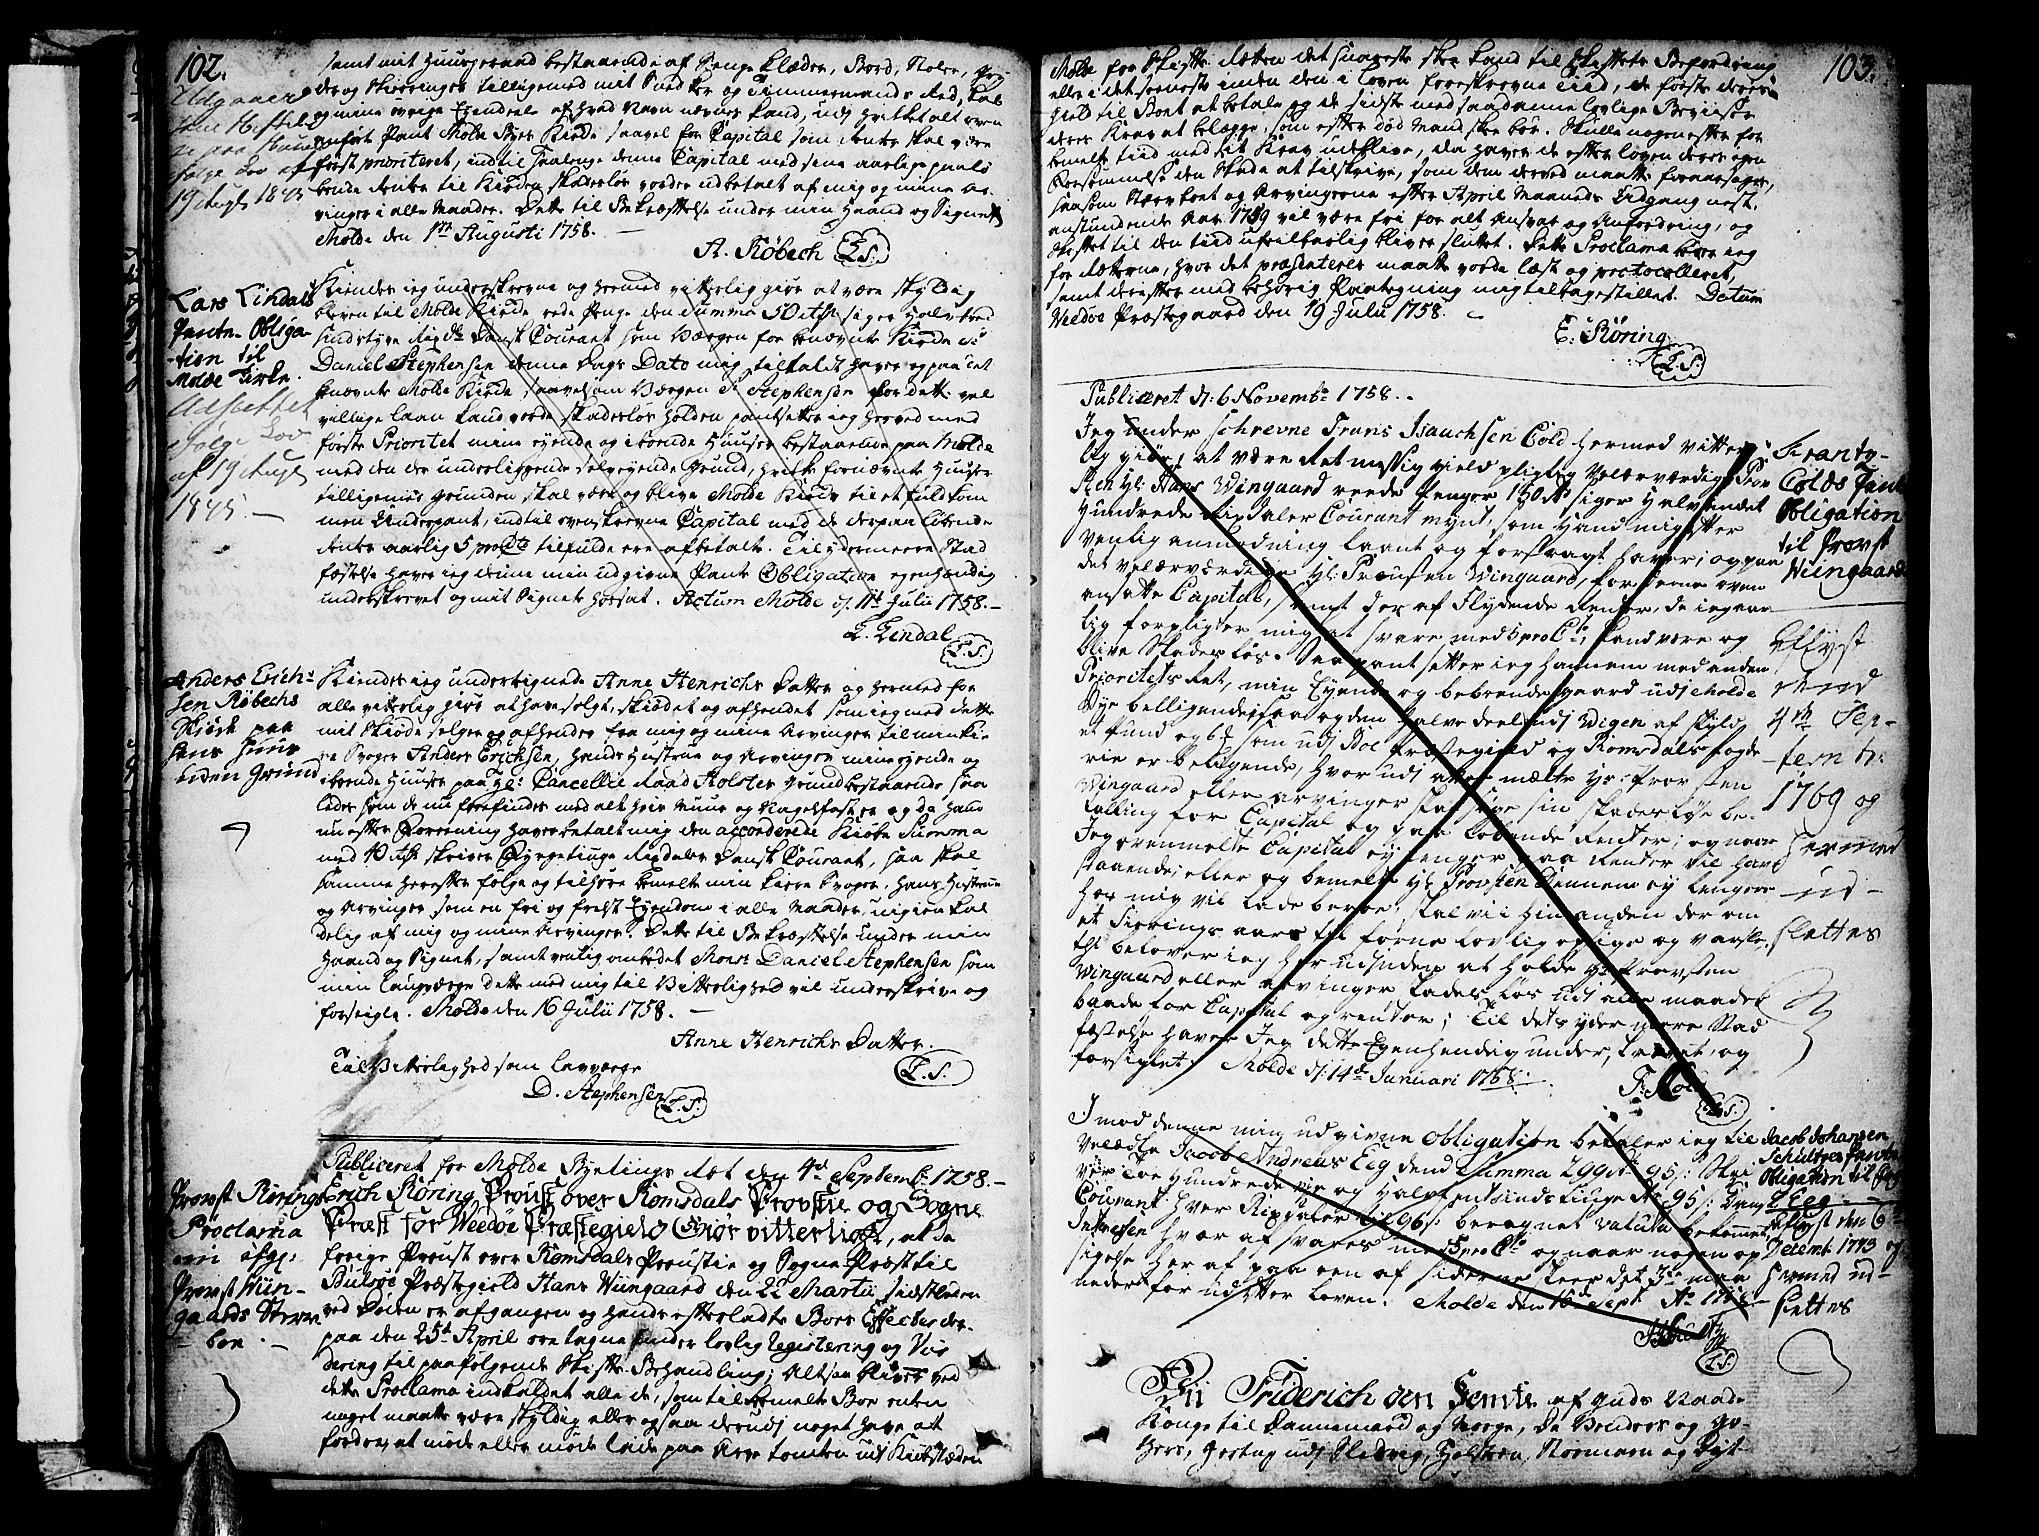 SAT, Molde byfogd, 2/2C/L0001: Pantebok nr. 1, 1748-1823, s. 102-103